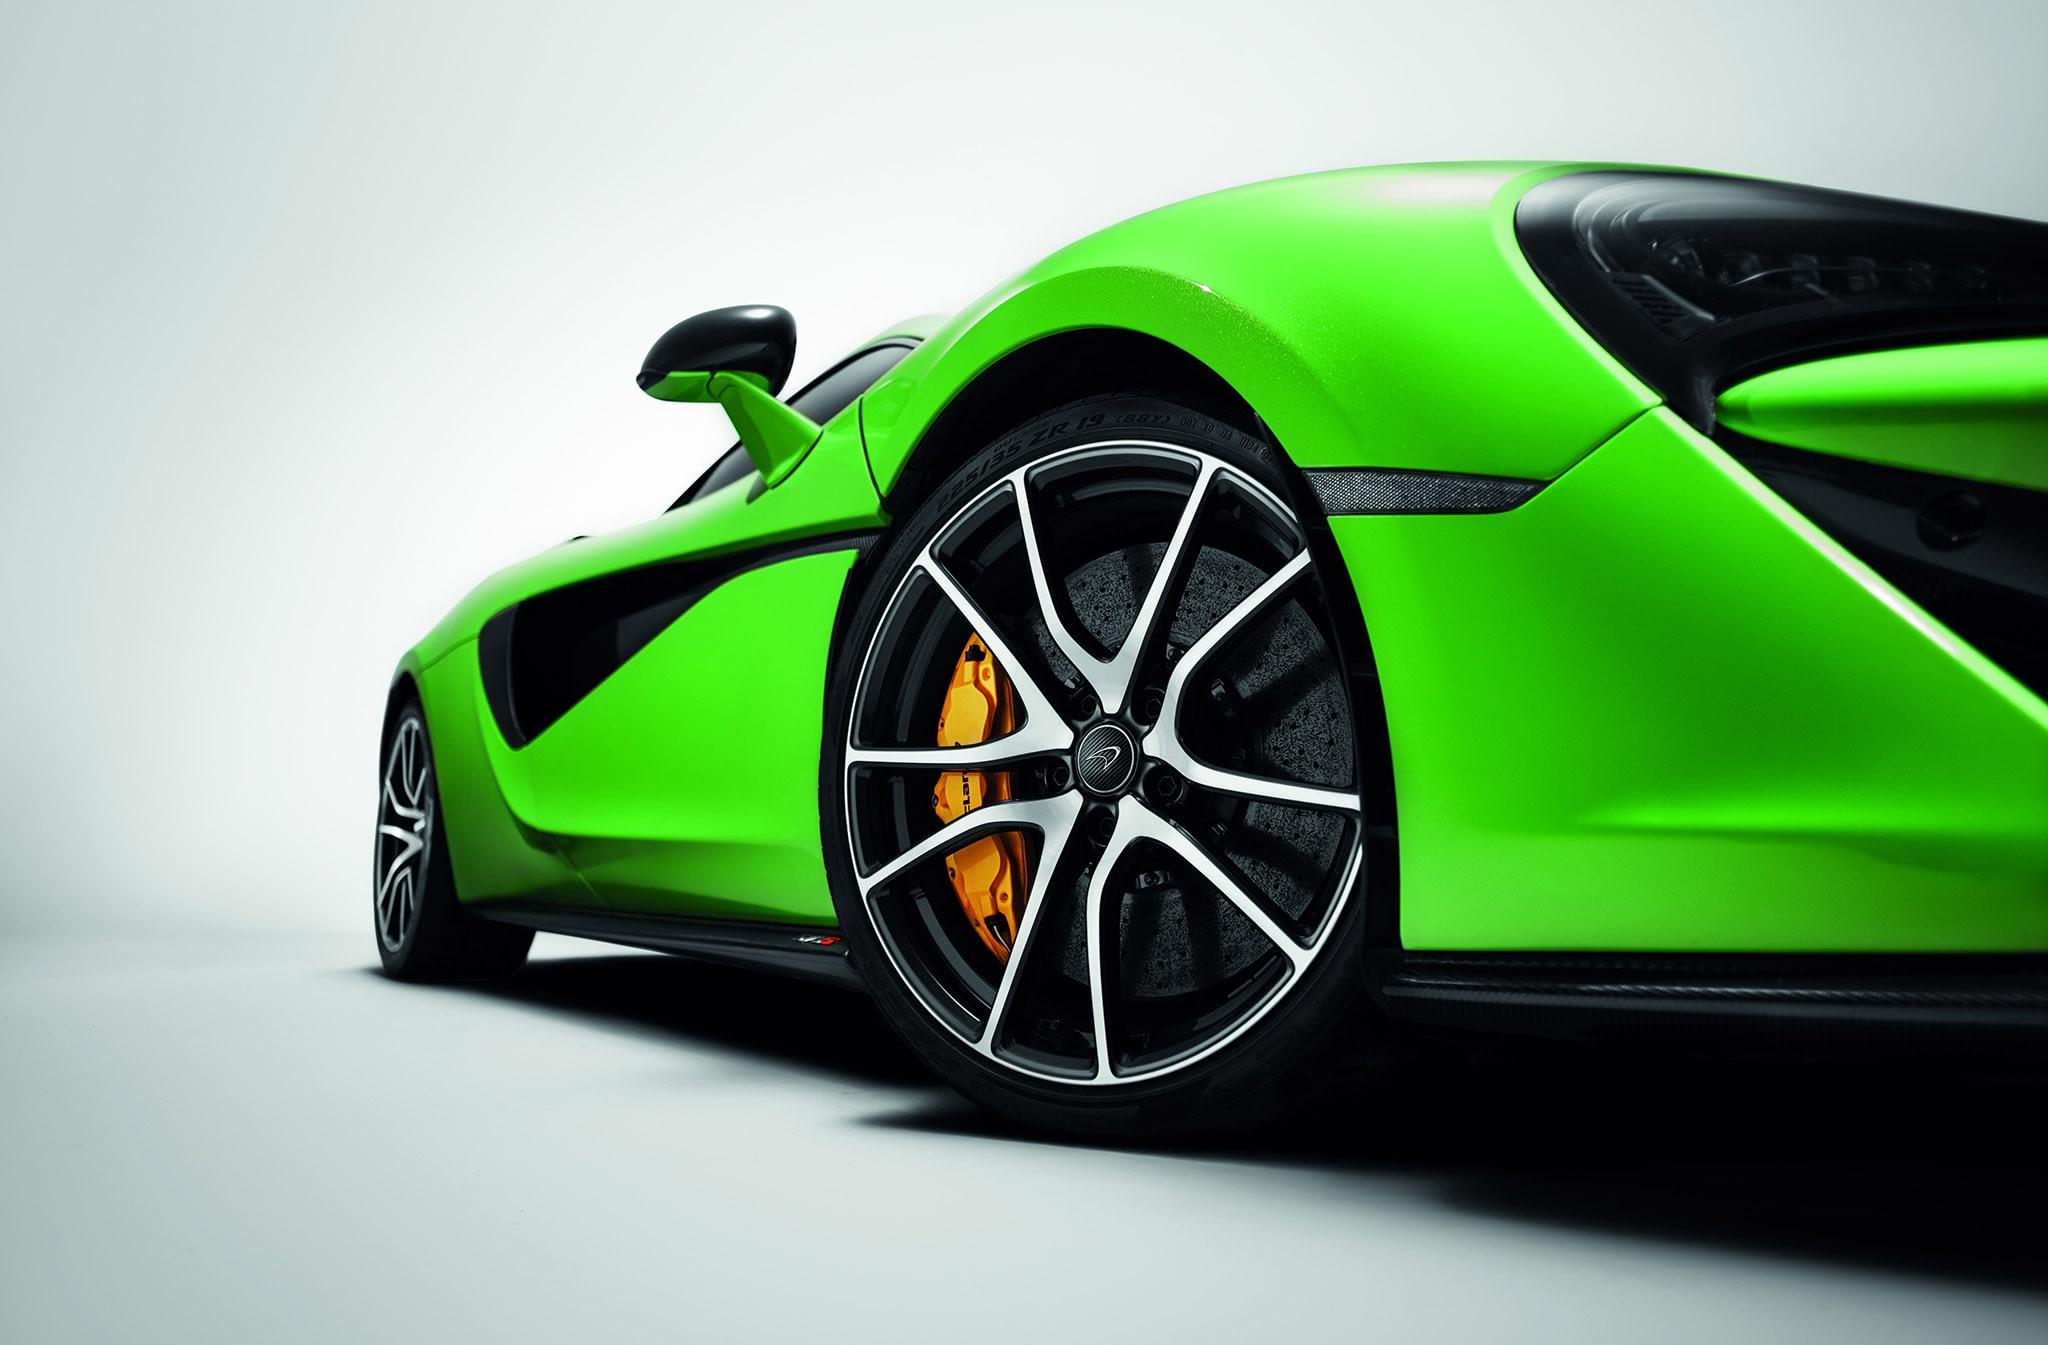 Mclaren Price 2017 >> McLaren Reportedly Confirms 570S Spider Variant ...